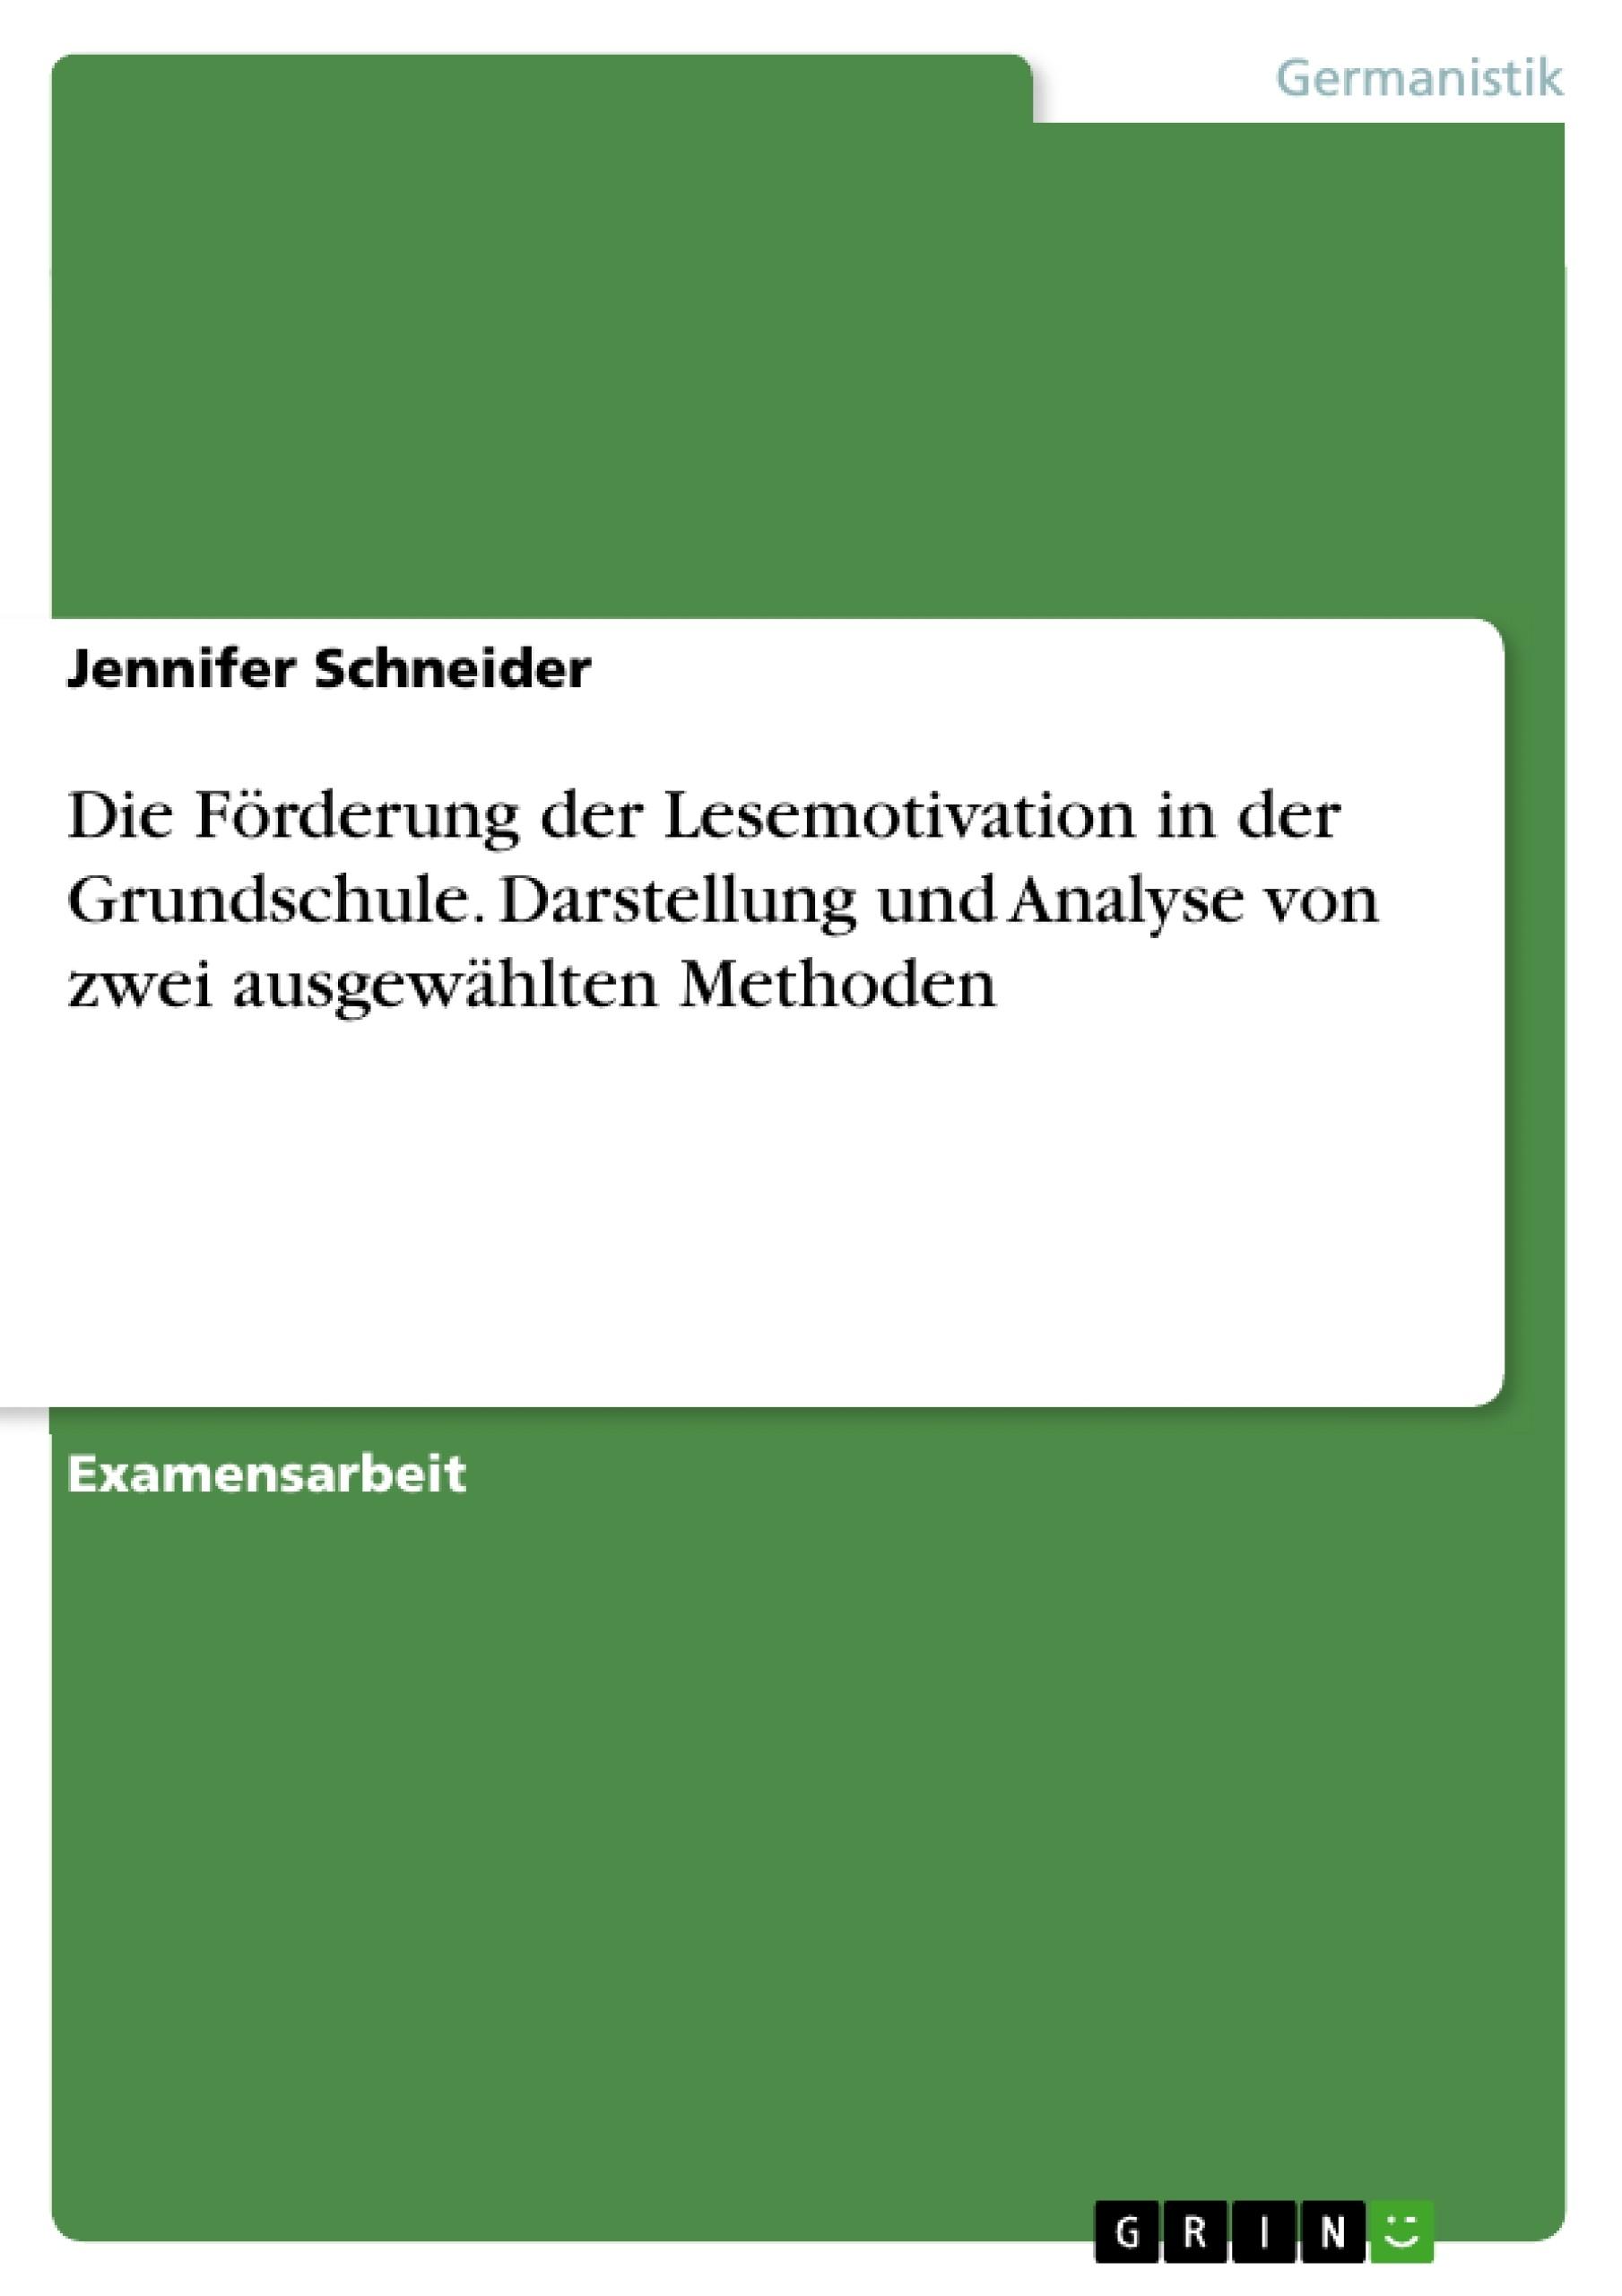 Titel: Die Förderung der Lesemotivation in der Grundschule. Darstellung und Analyse von zwei ausgewählten Methoden